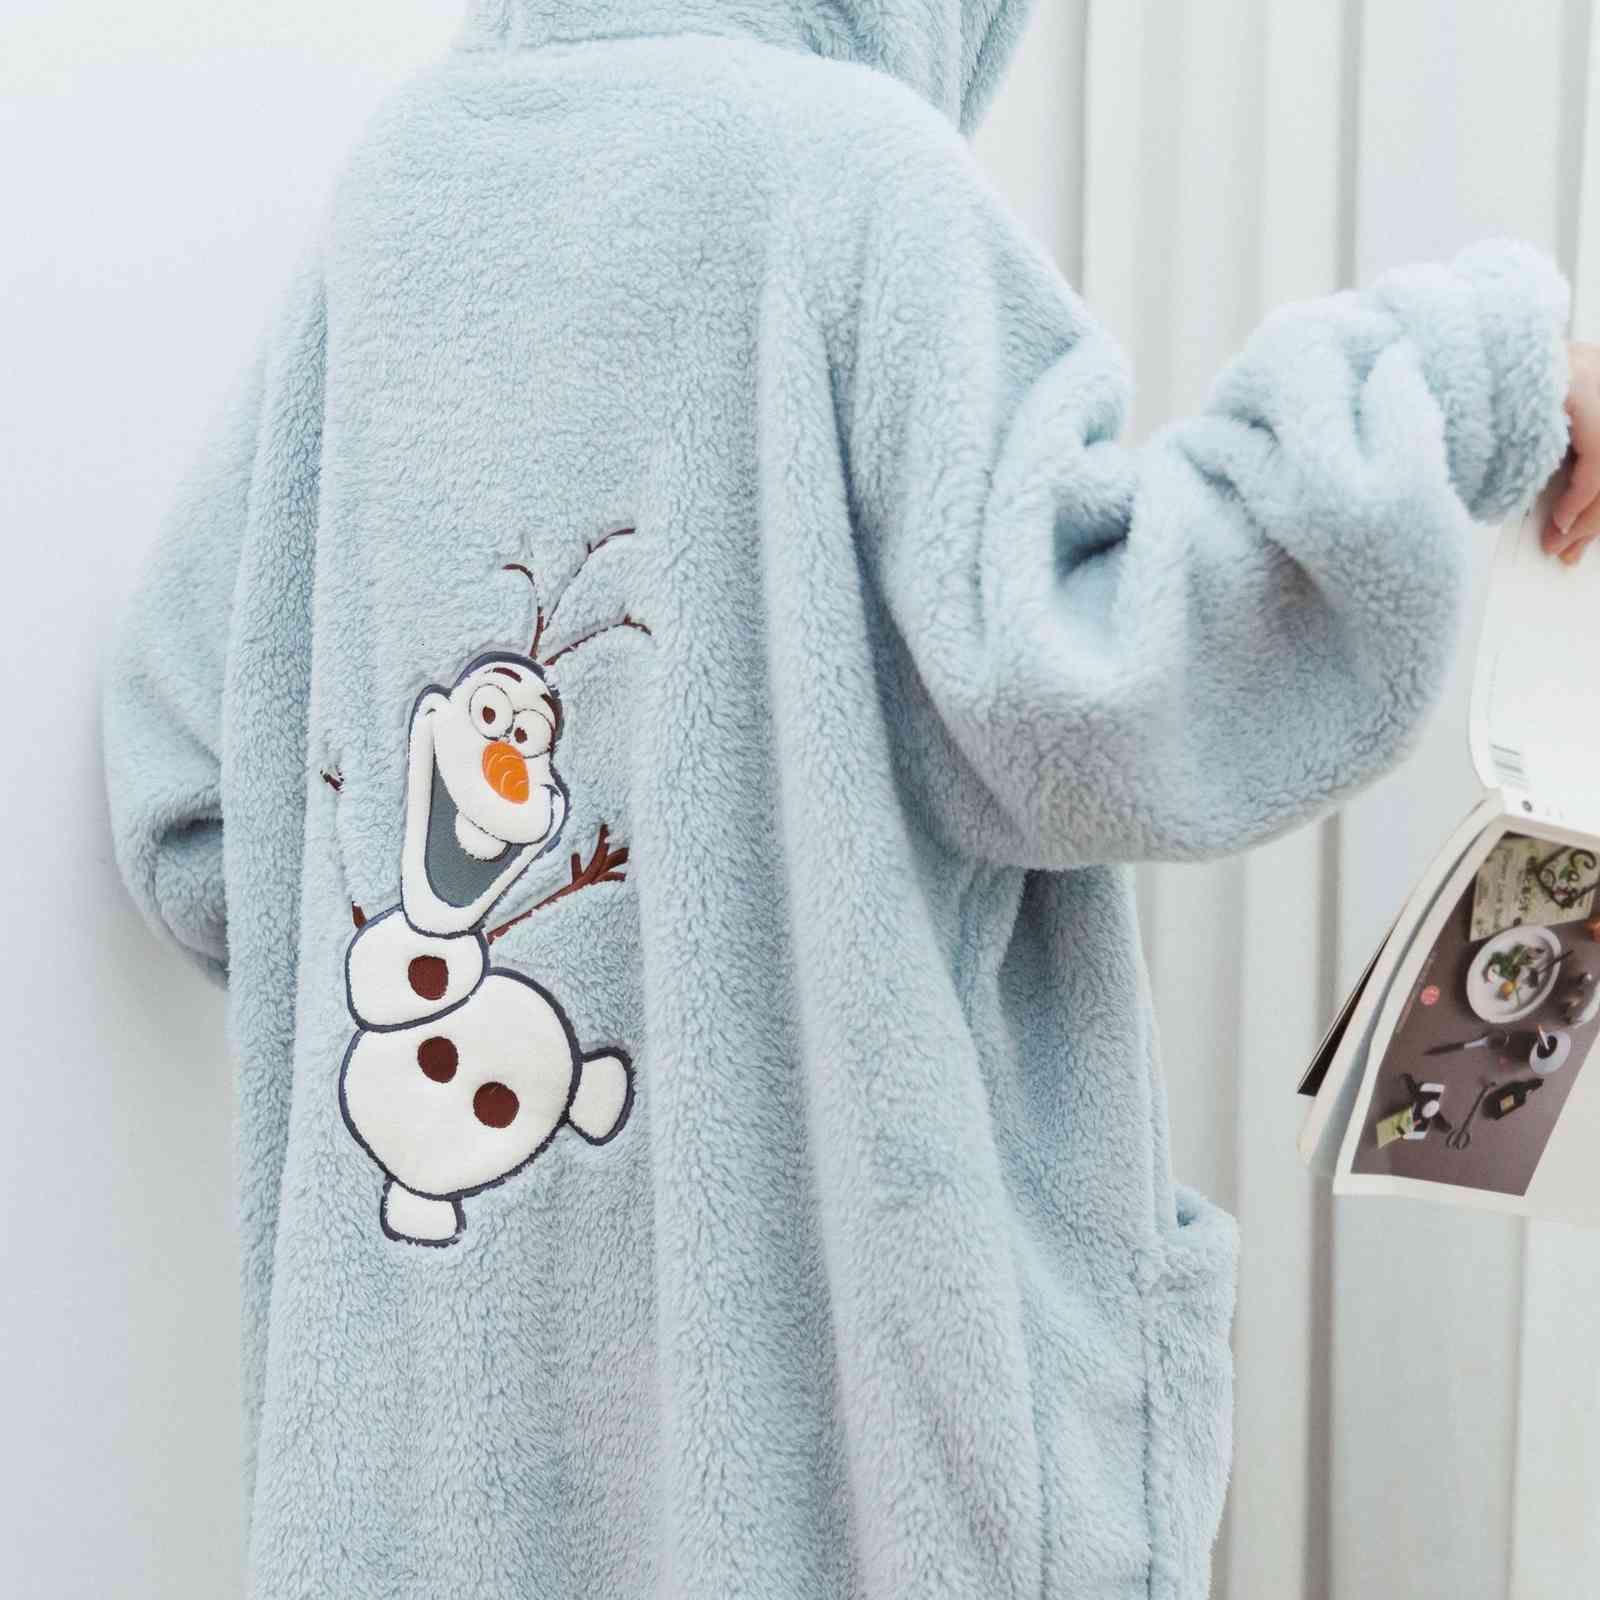 ropa de dormir otoño y cómodo algodón con capucha con capucha con capucha de oro suelto Video largo camisón de mujer invierno invierno pijamas en casa ropa de hogar